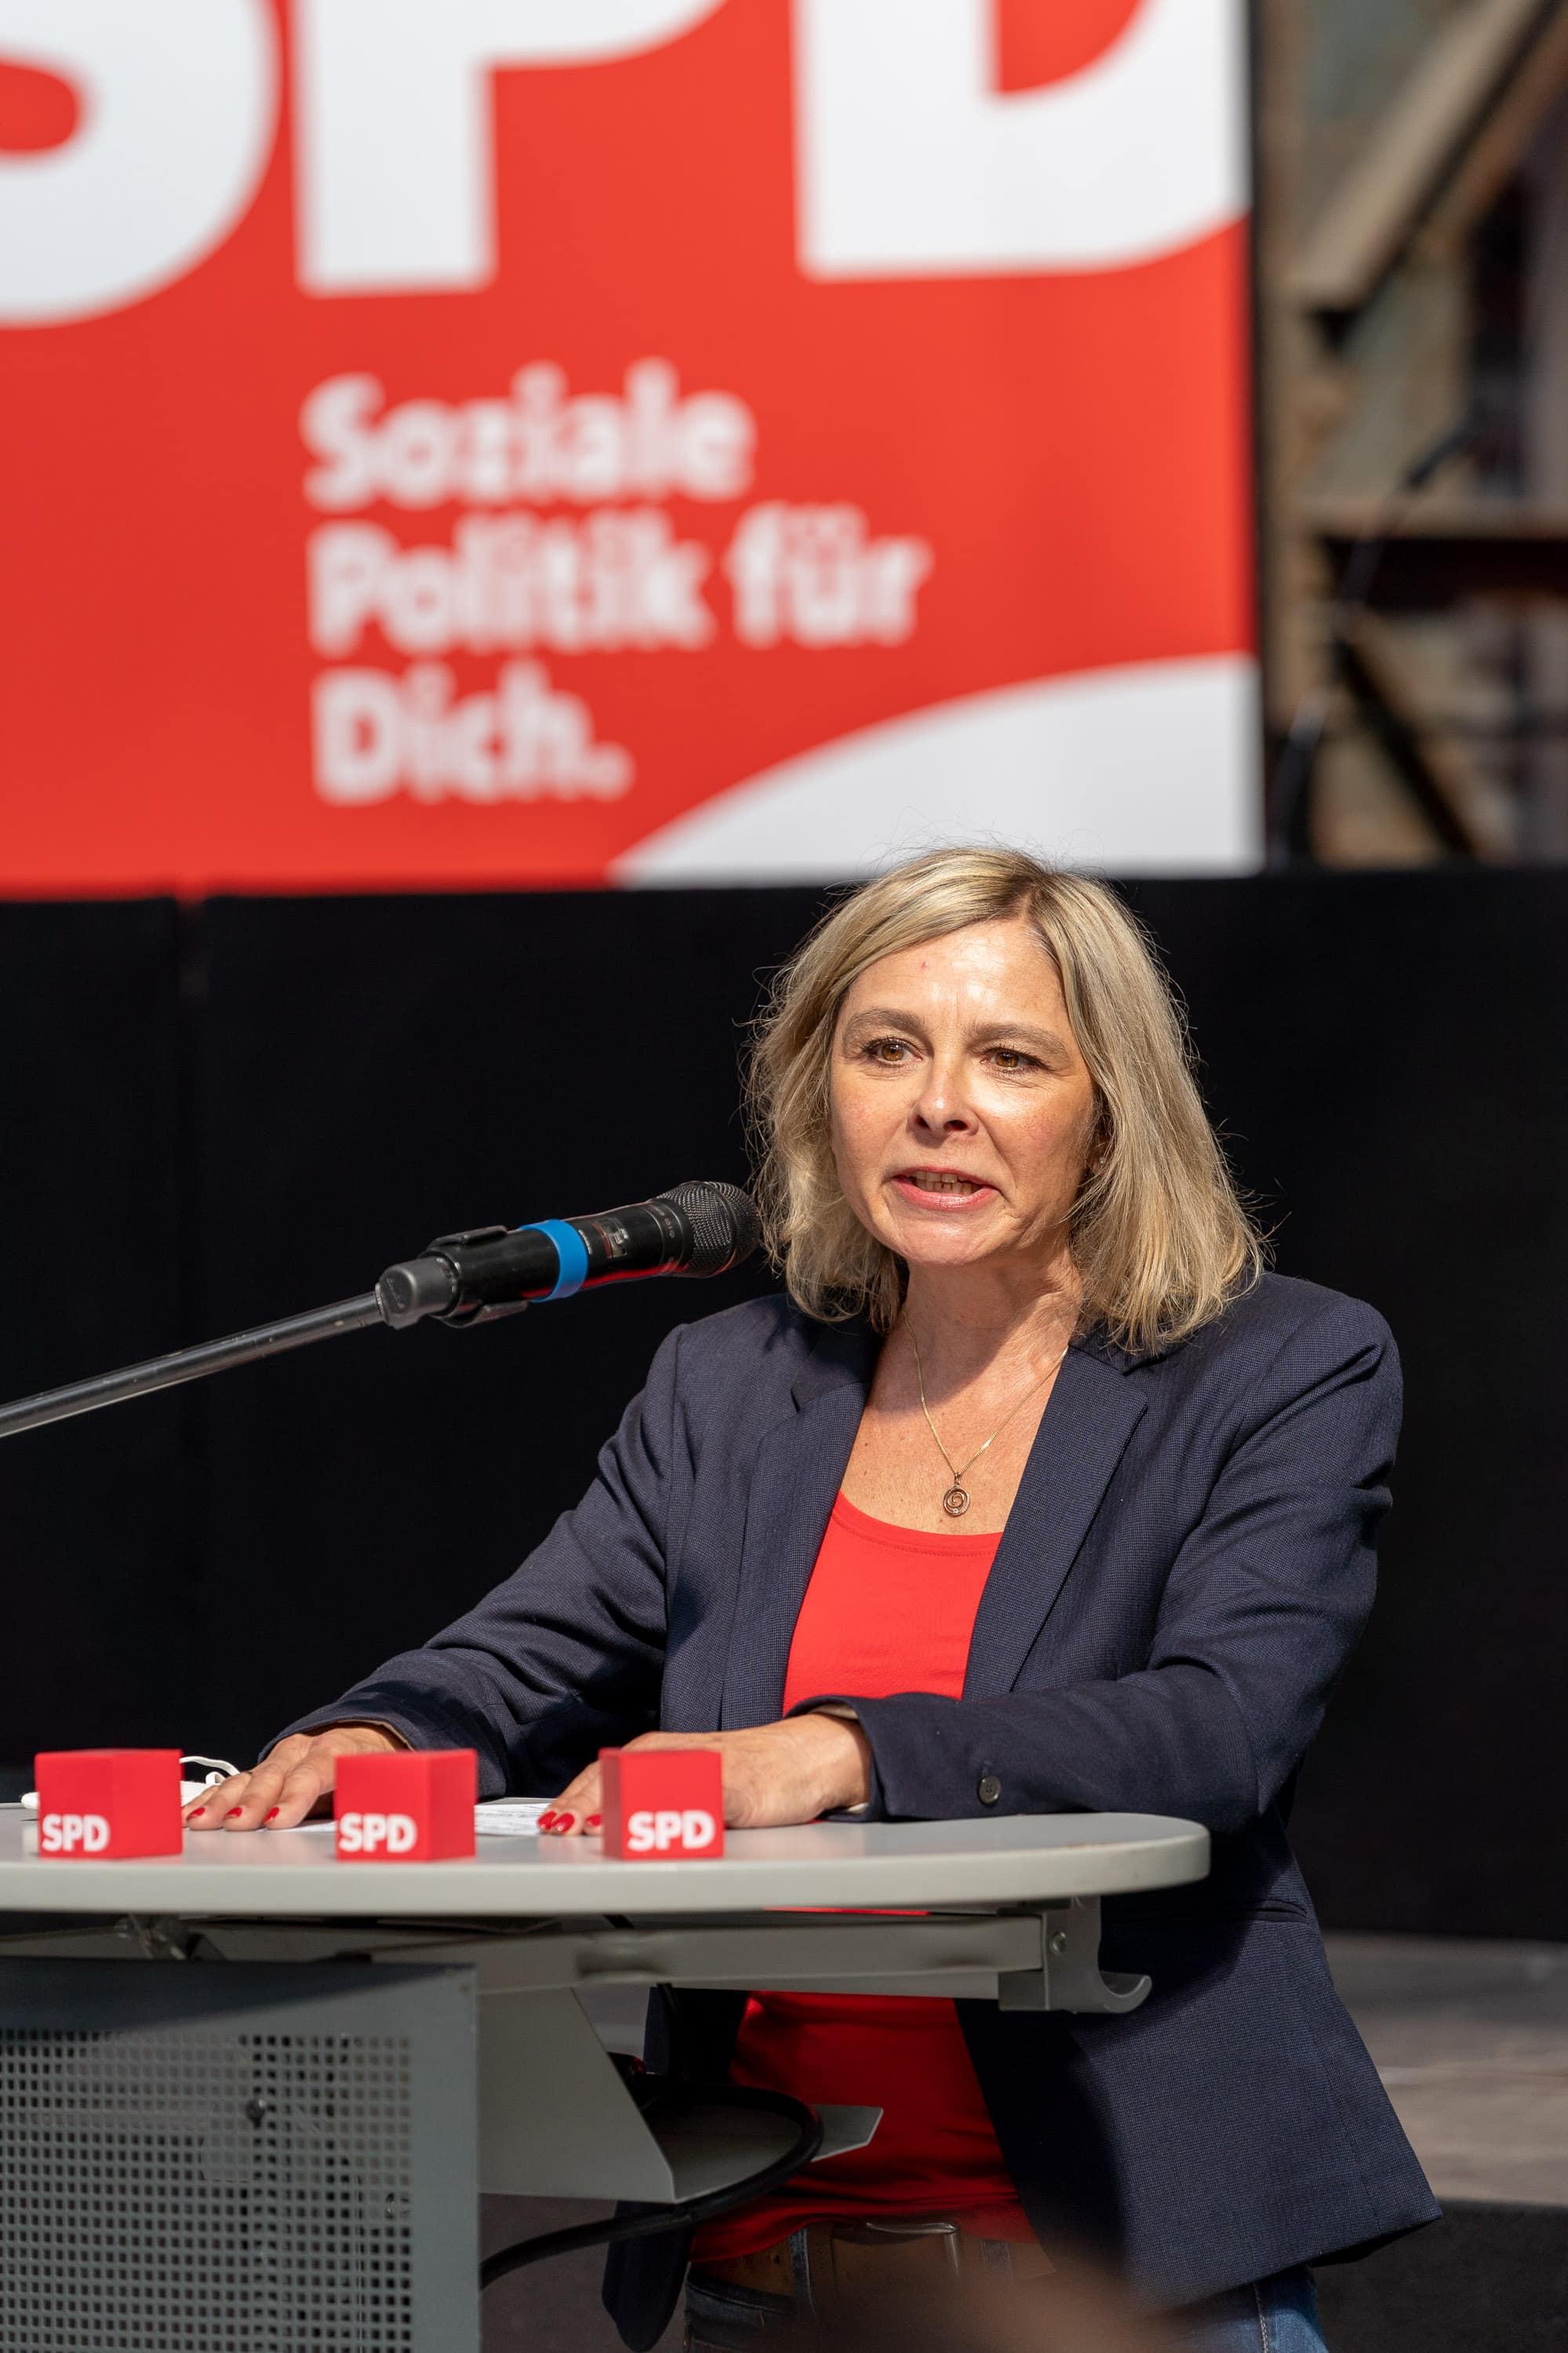 Andrea Busche (SPD) - Kandidatin für den Landtagswahlkreis 107